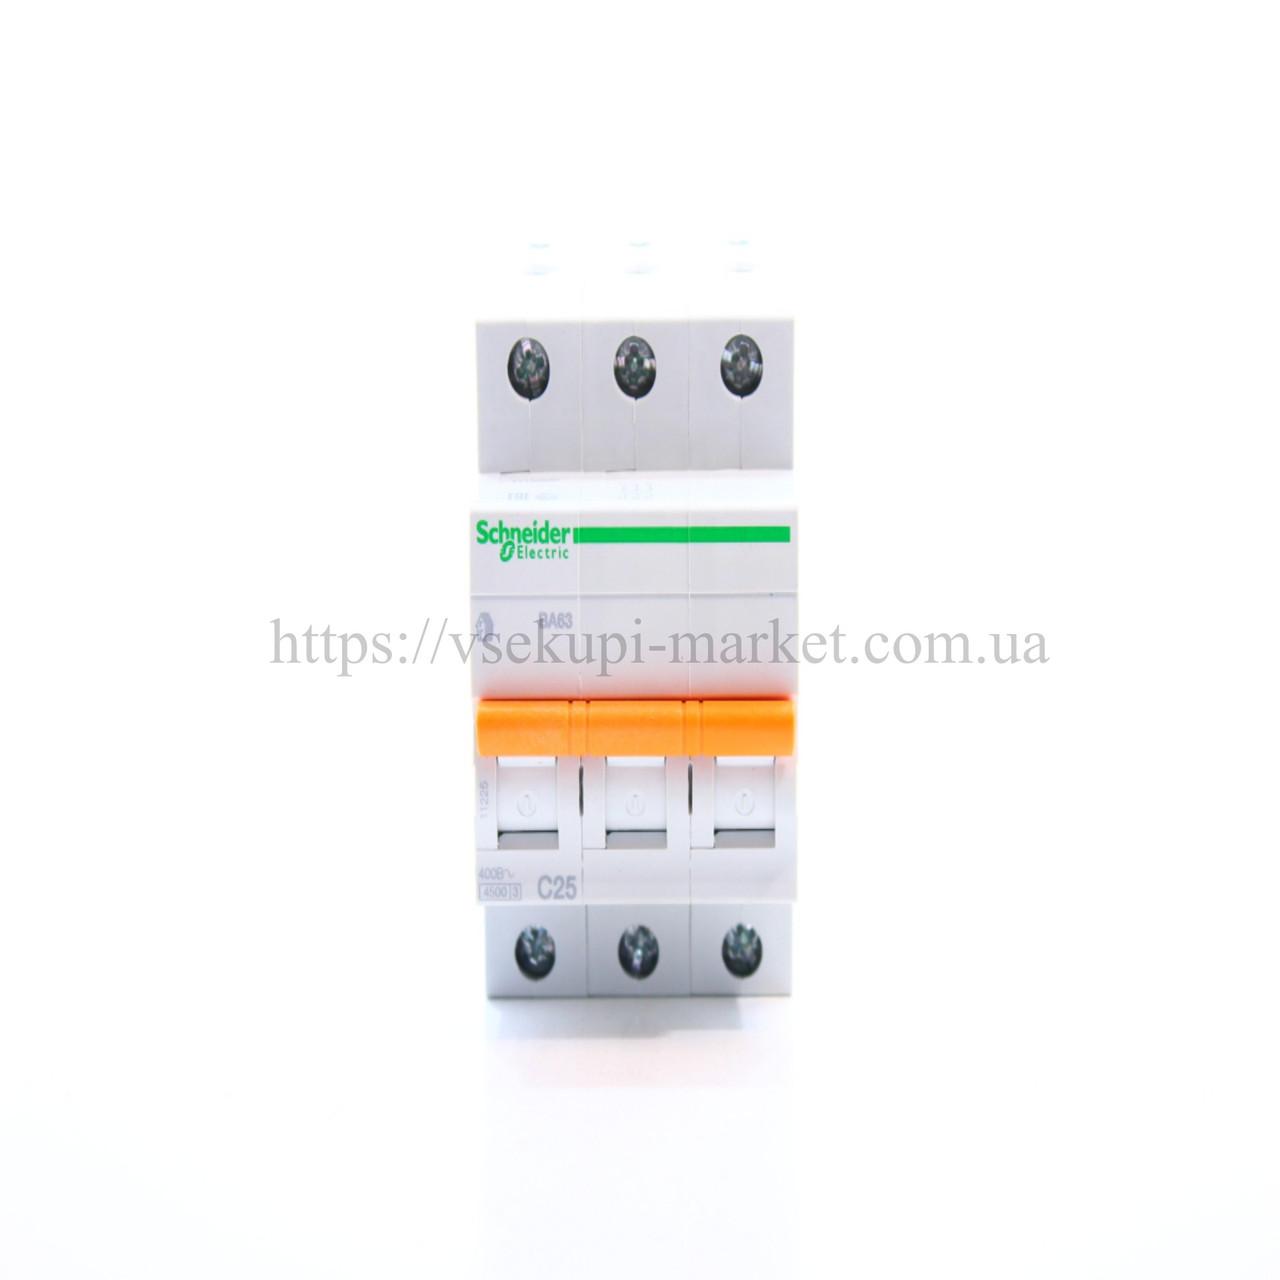 Автоматический выключатель SCHNEIDER ВА63 3Р 25А 3 ПОЛЮСА С 11225